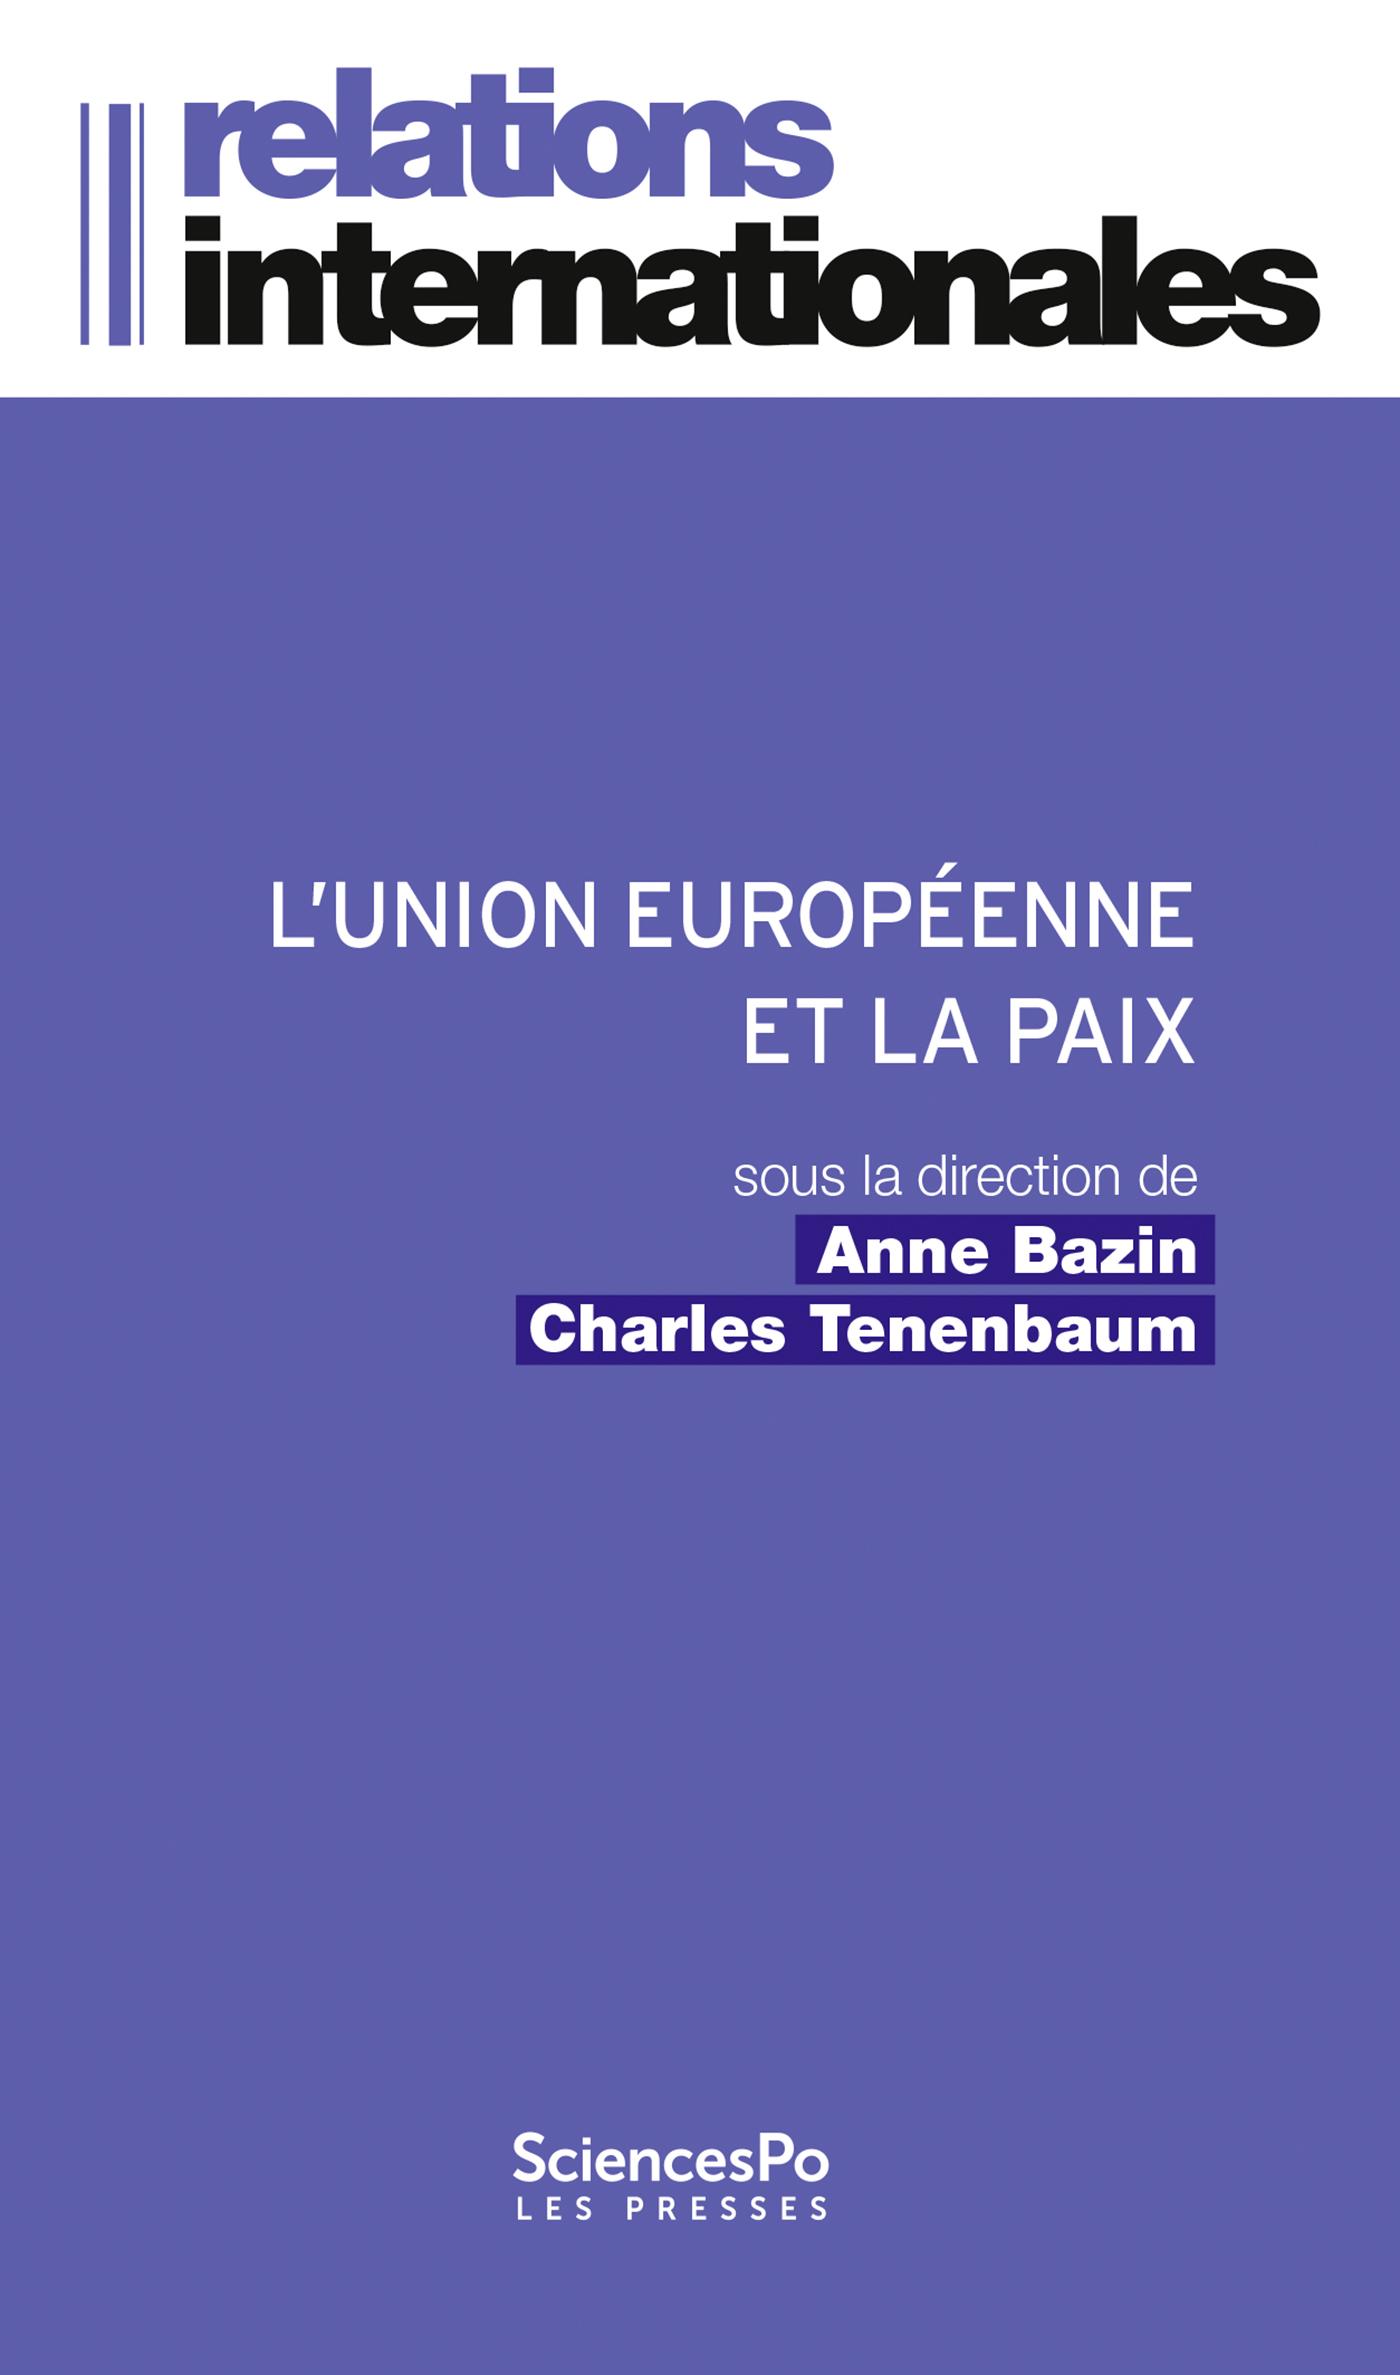 L'Union européenne et la paix